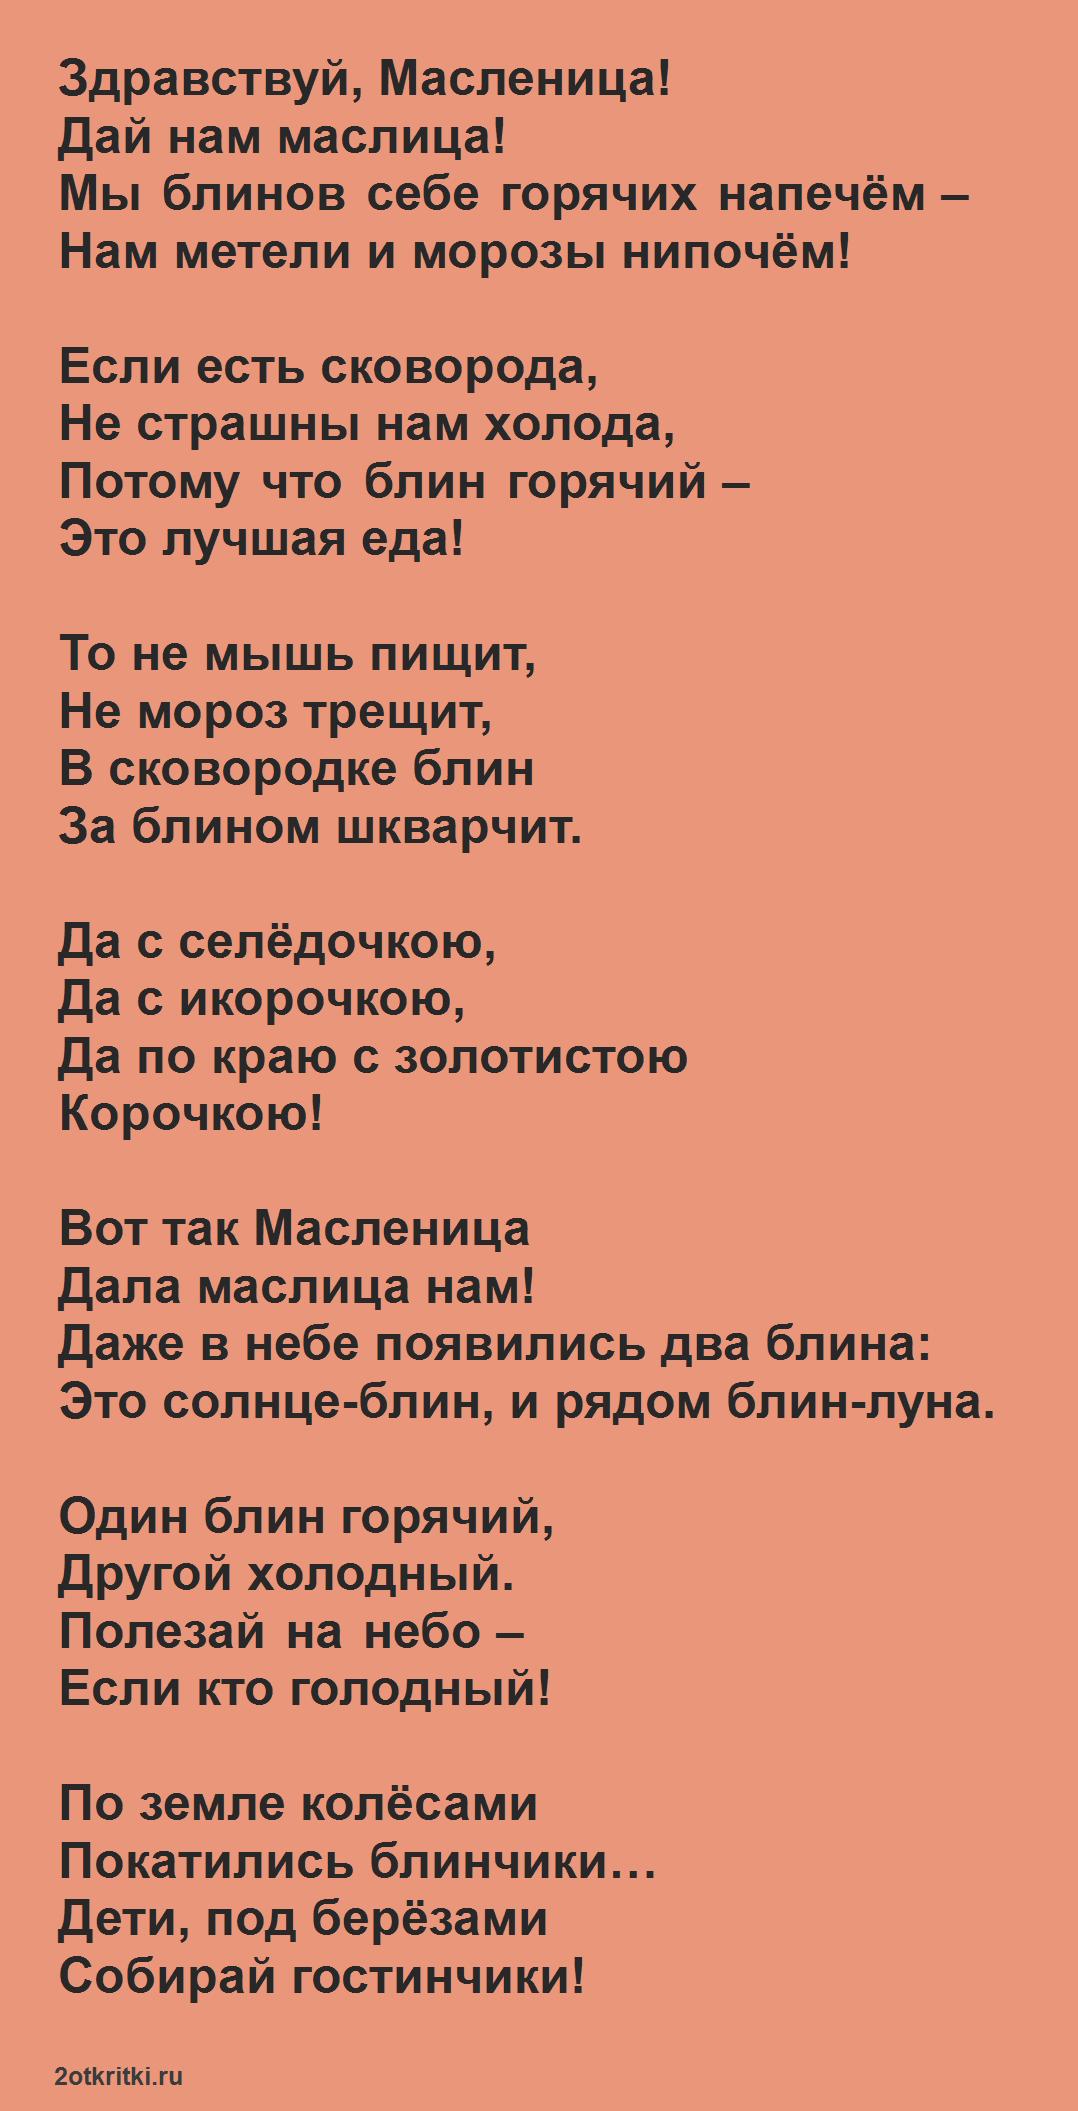 Детские стихи масленица - Здравствуй масленица